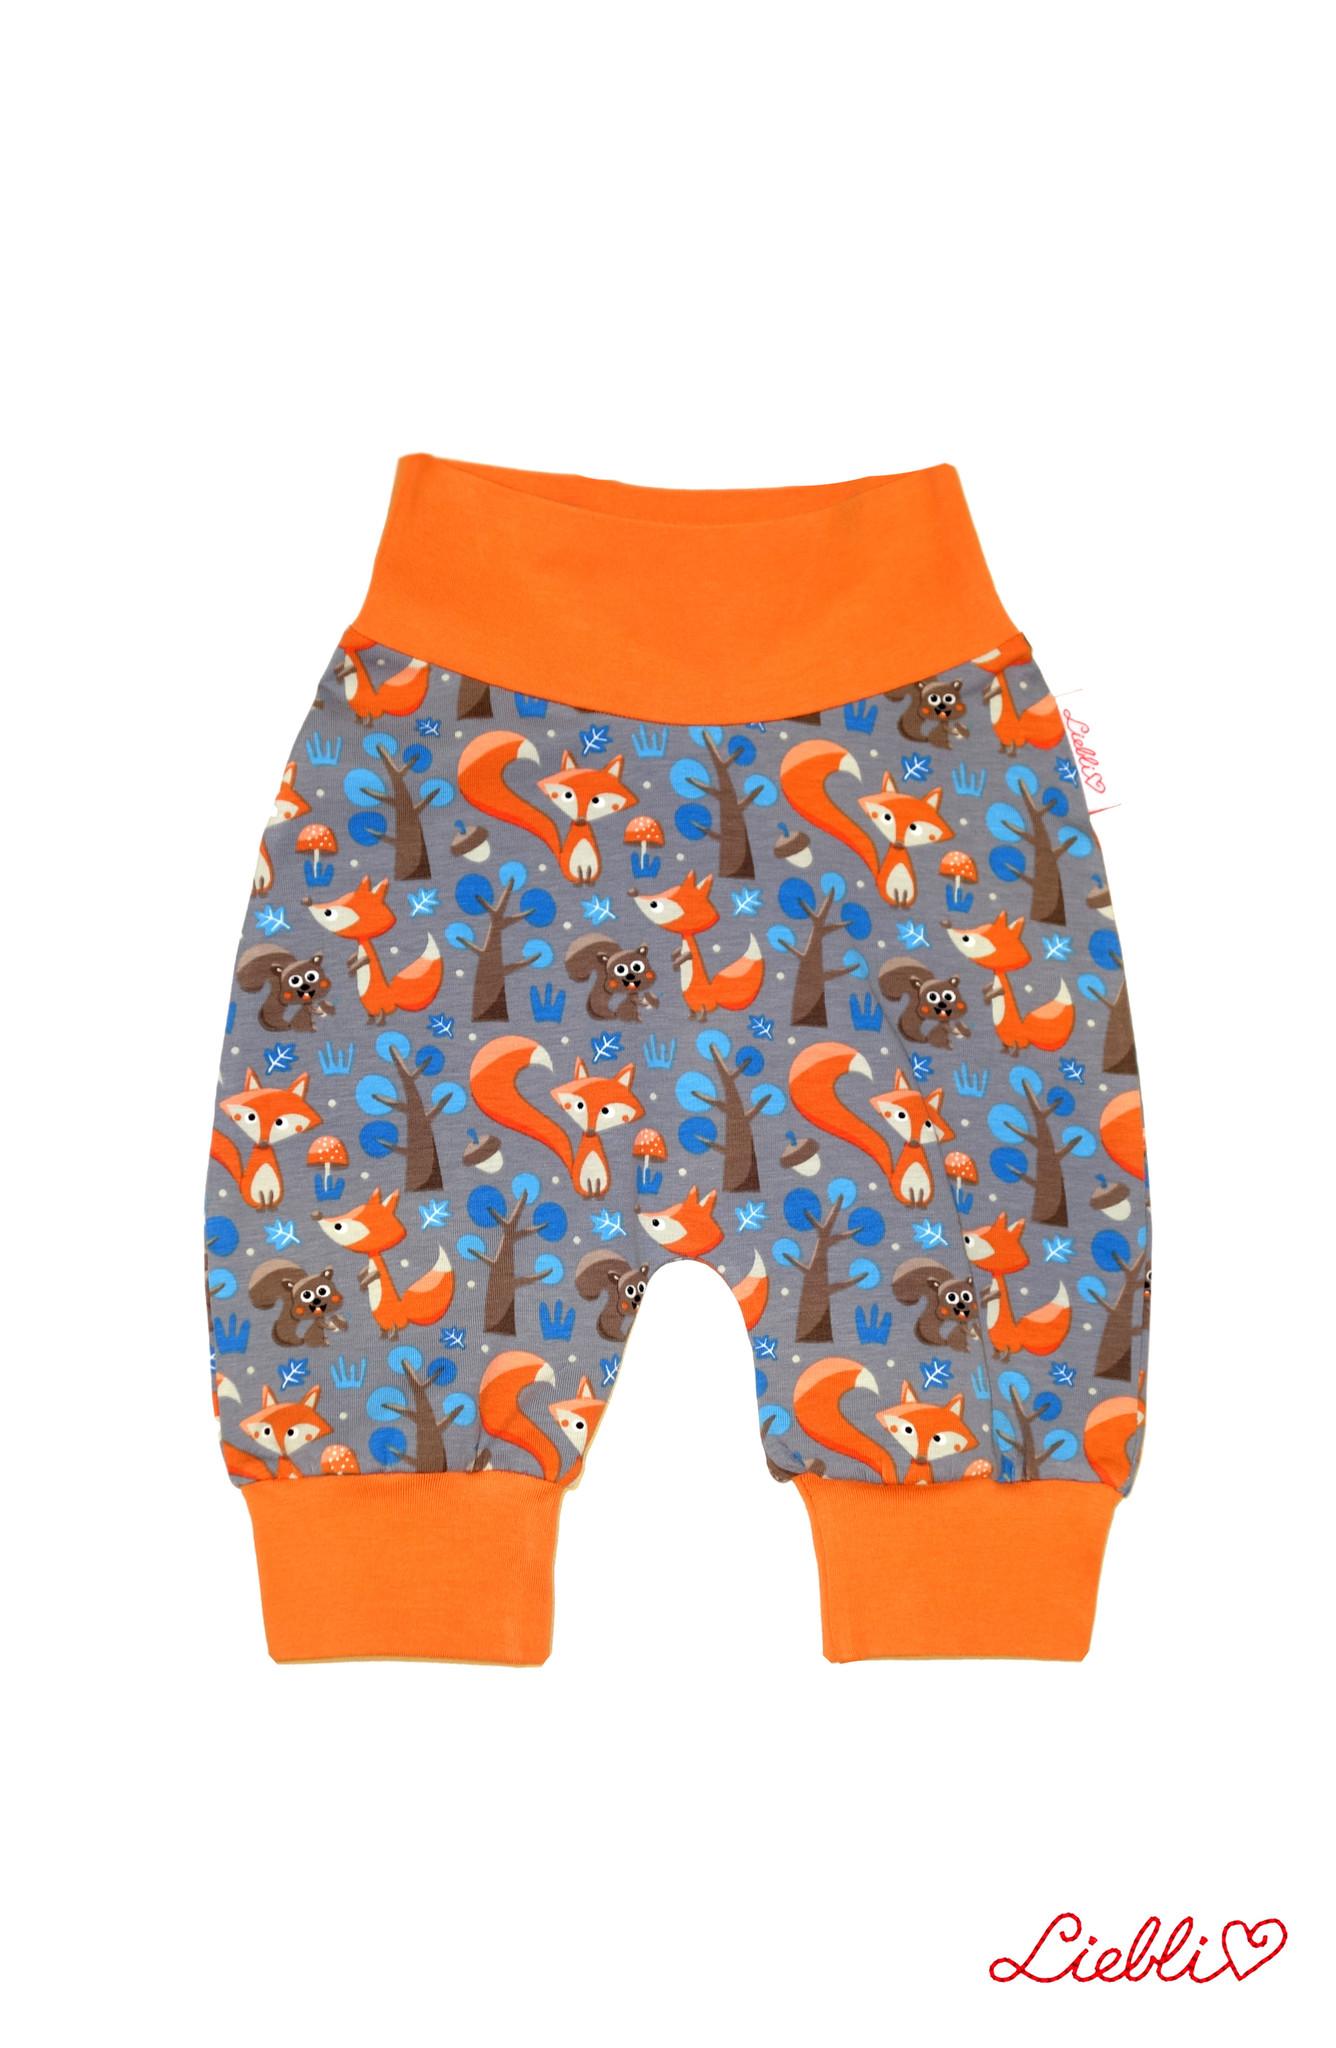 Babyhose / Pumphose, Fuchs und Eichhörnchen hellgrau orange